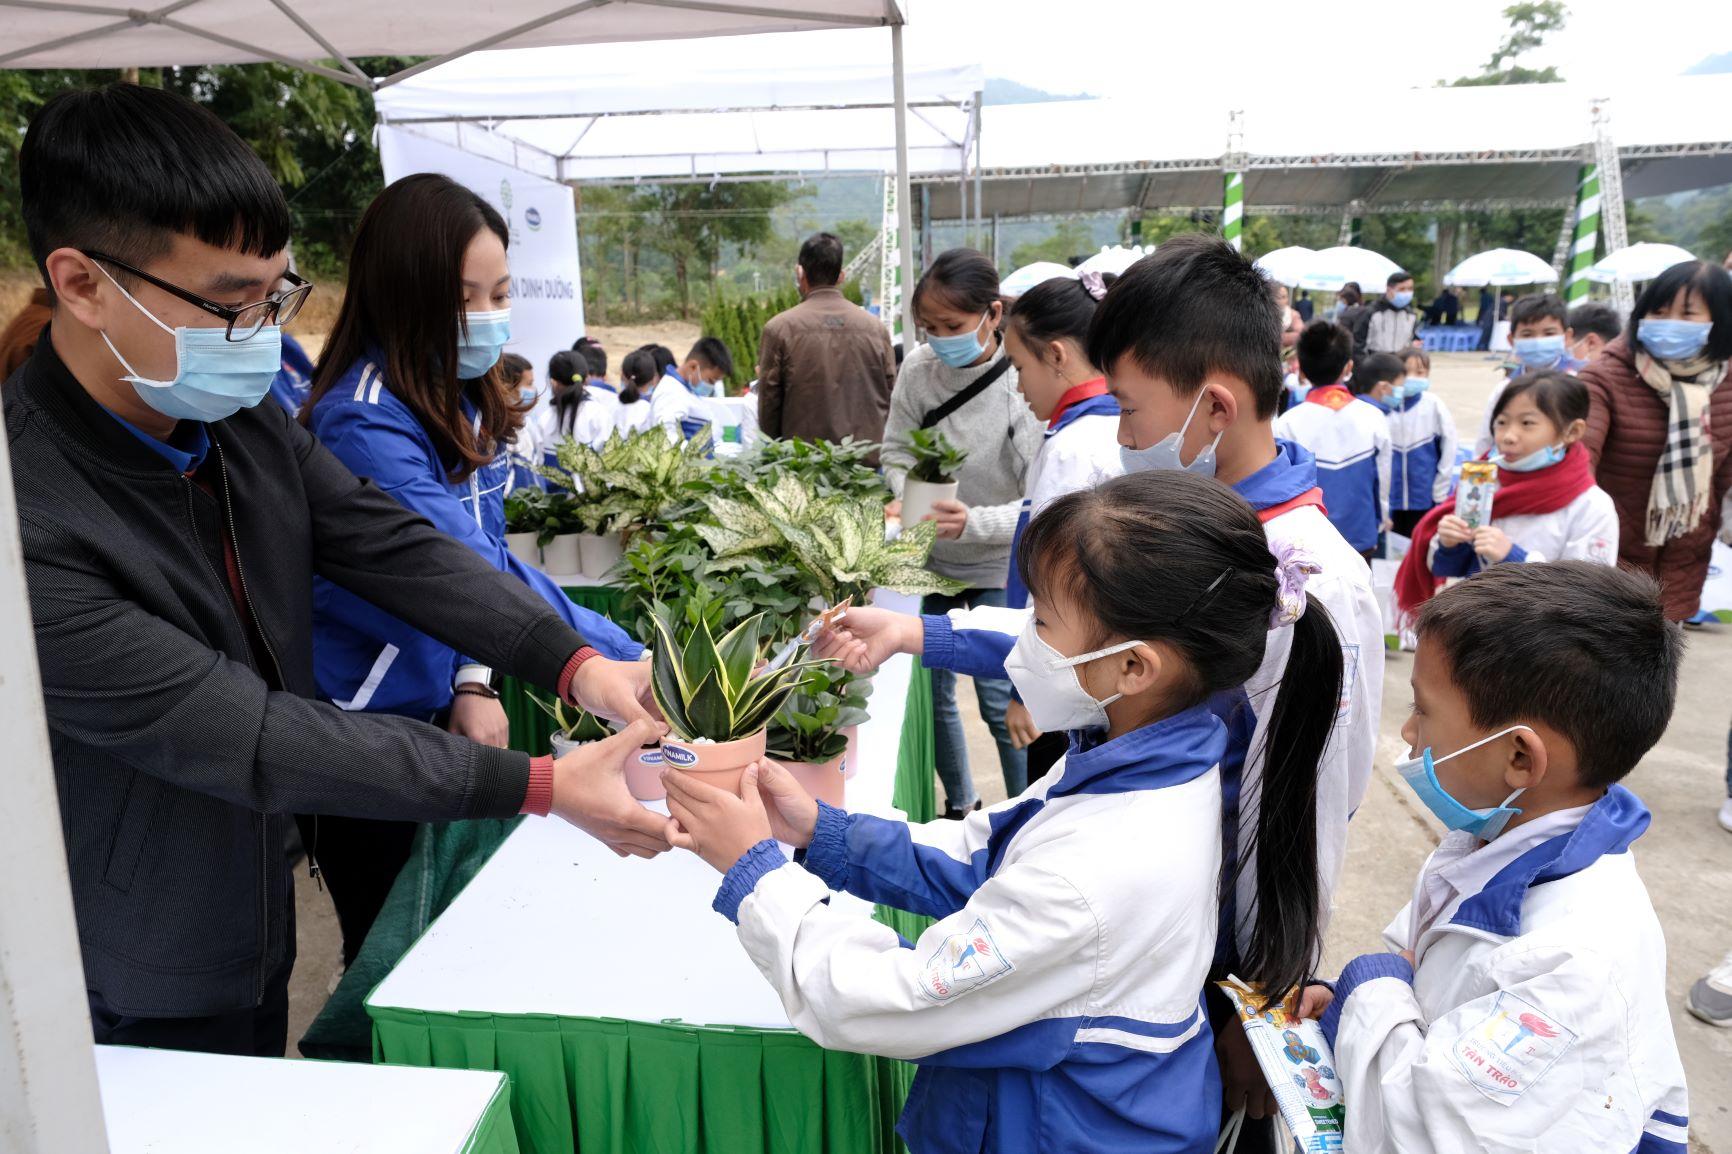 """Quỹ 1 triệu cây xanh cho Việt Nam của Vinamilk - Chương trình vì môi trường tạo được """"dấu ấn xanh"""" đặc biệt với cộng đồng 15"""